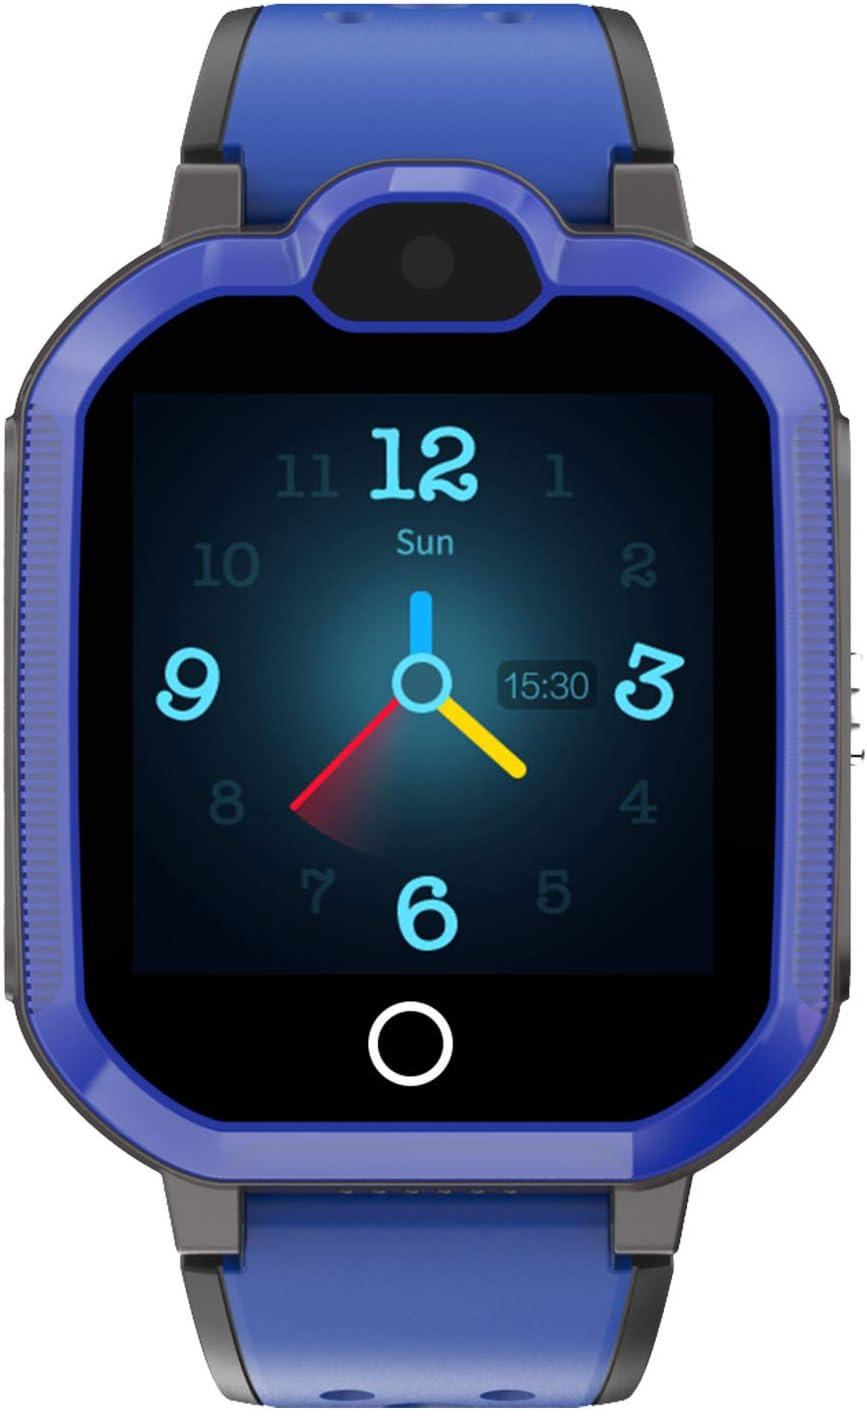 DUANQI Reloj Inteligente para Niños, Reloj Inteligente Impermeable con GPS SOS Llamada Bidireccional Fotografía, Reloj Inteligente para Niños y Niñas Navidad el Regalo,Azul